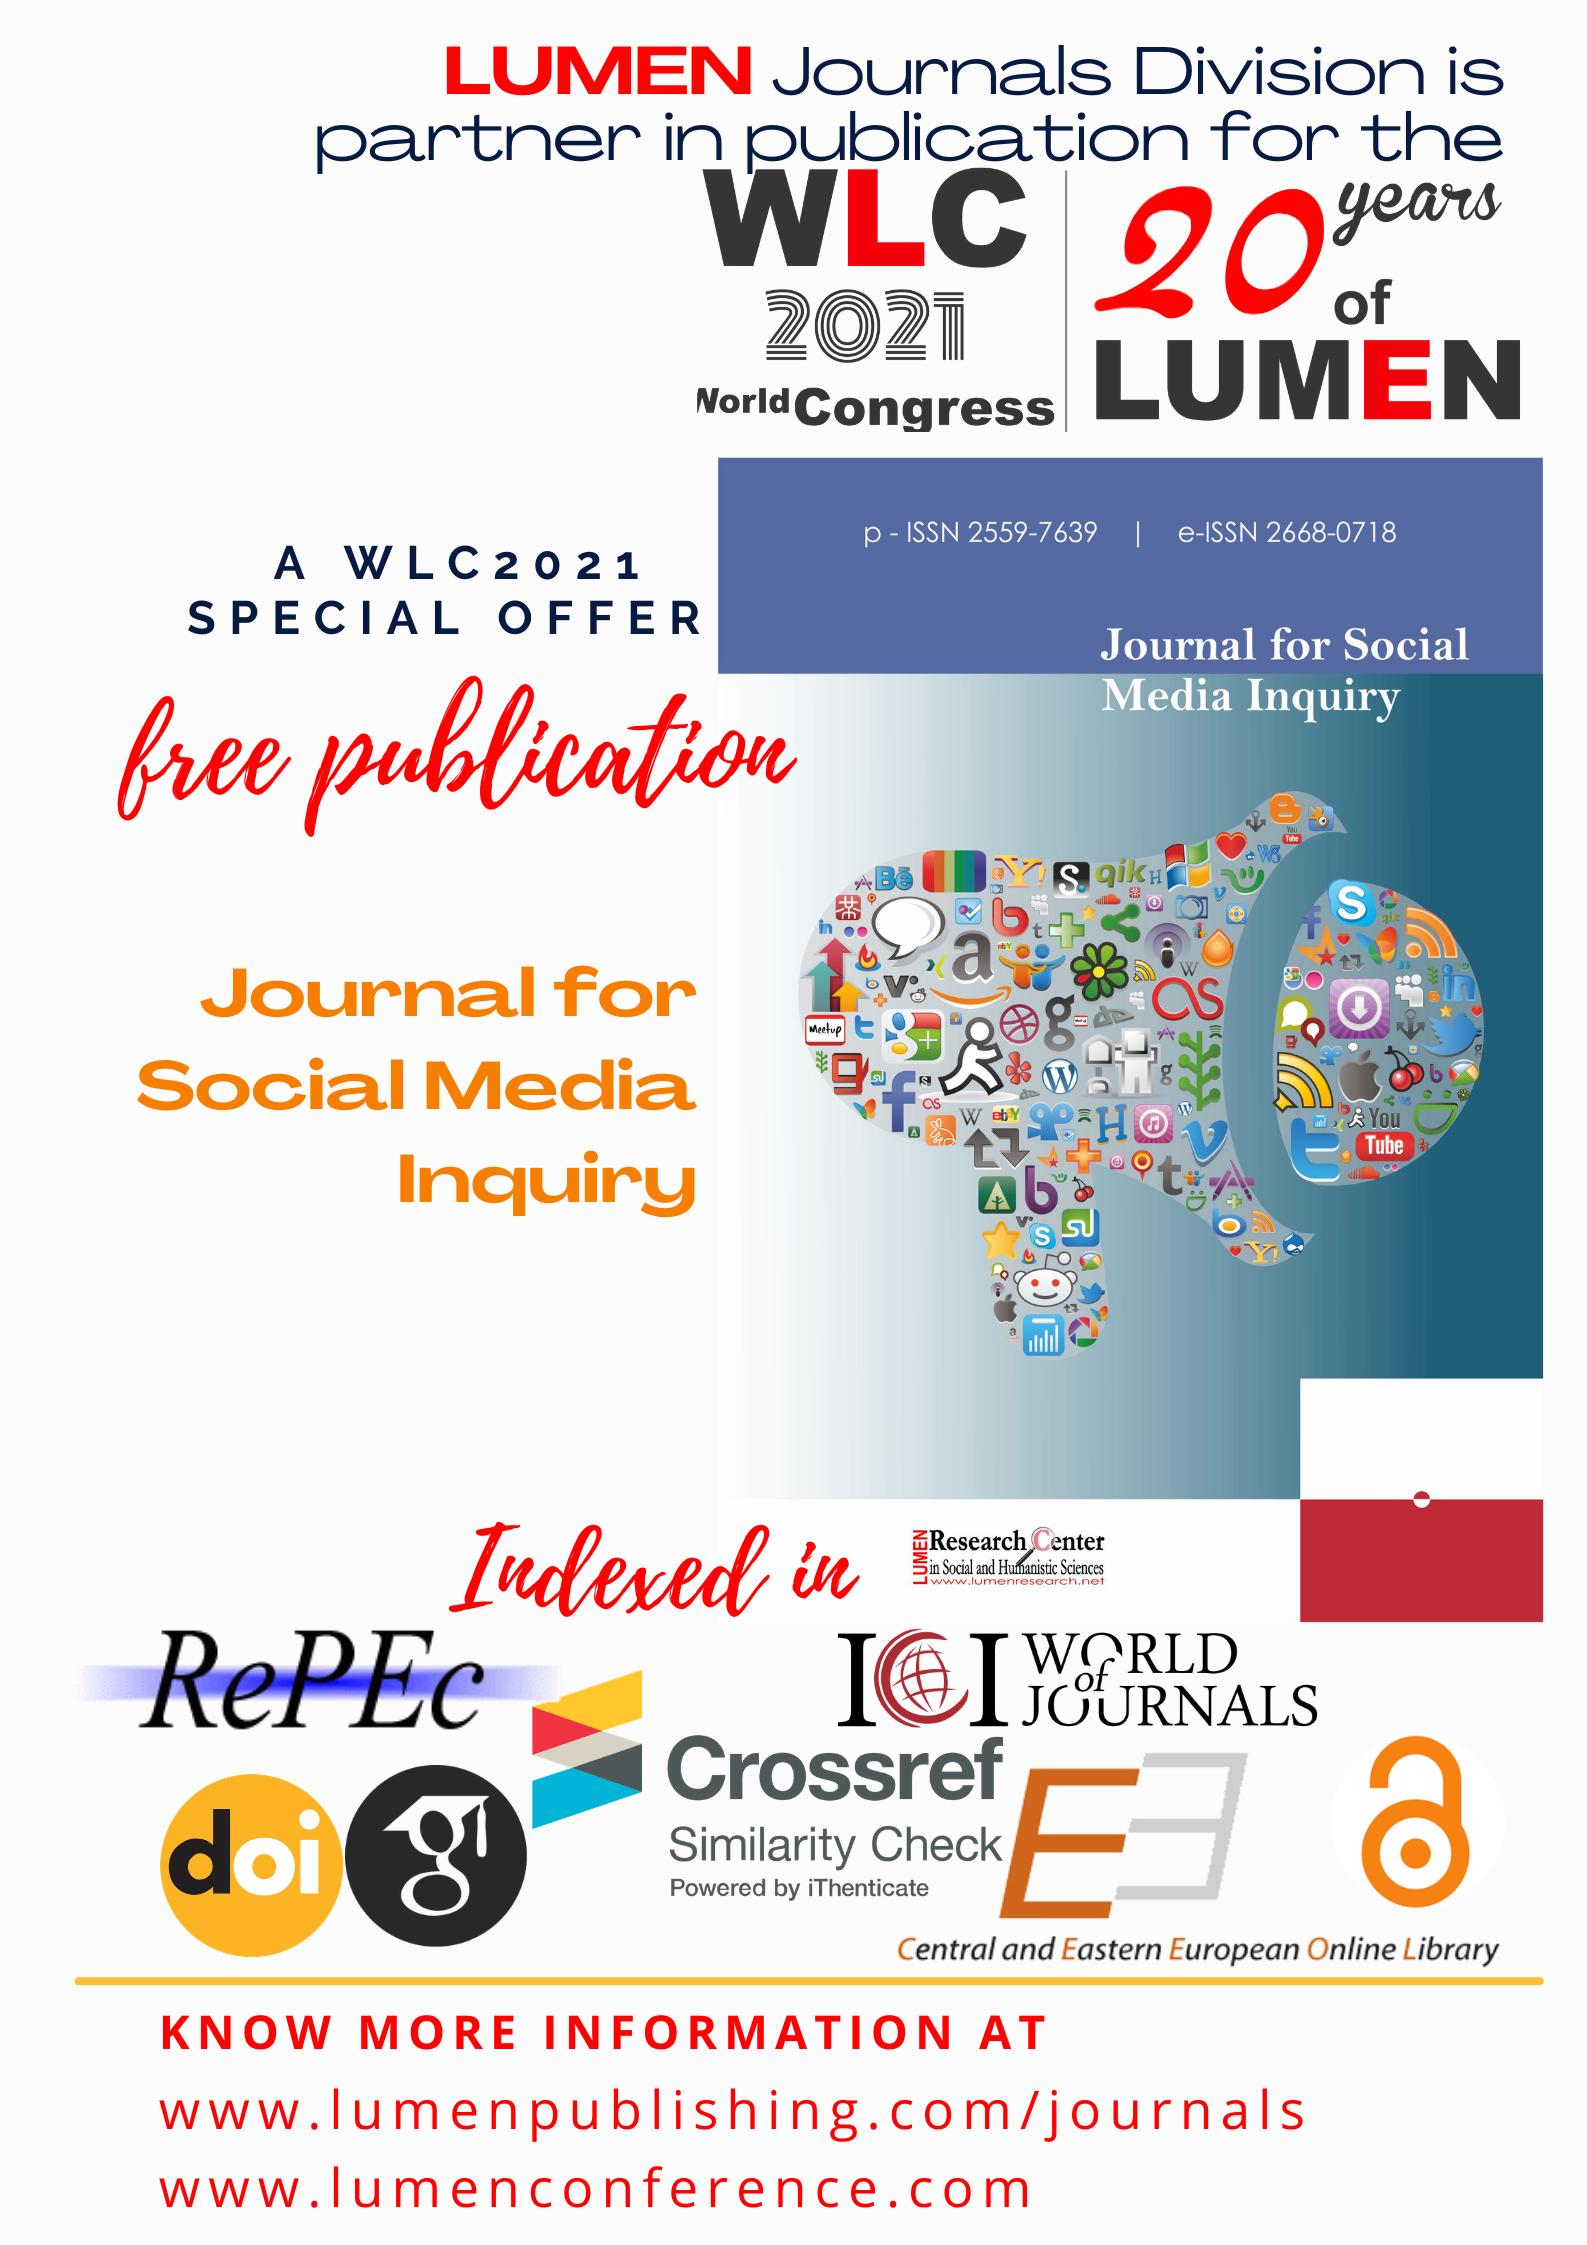 Publish your work with LUMEN Jsmi WLC2021LUMEN journals